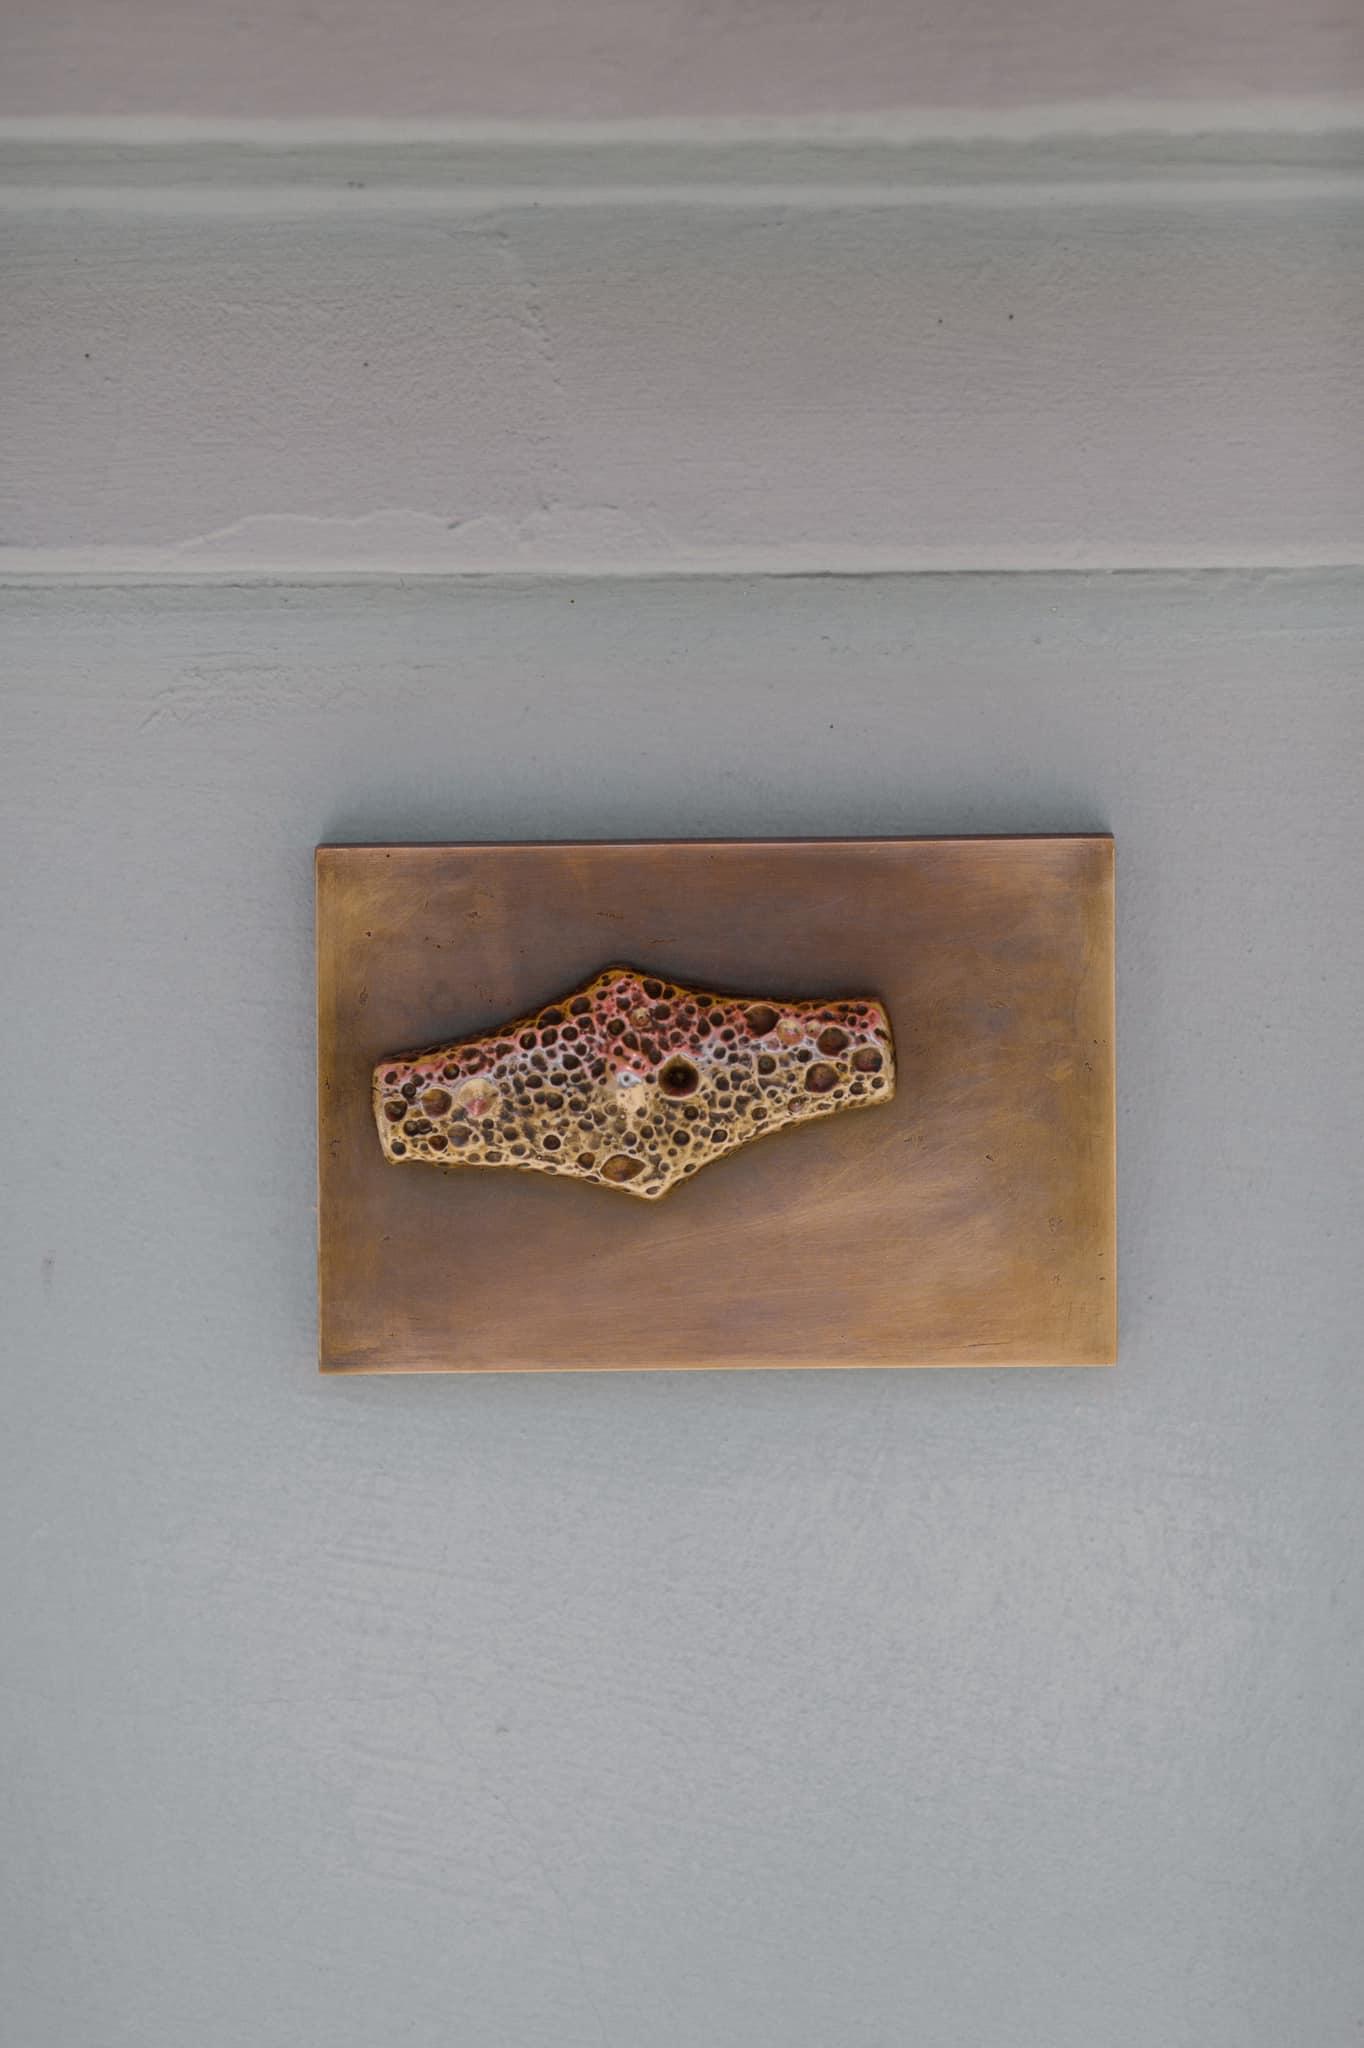 нова міні-скульптурка, присвячена київській гривні